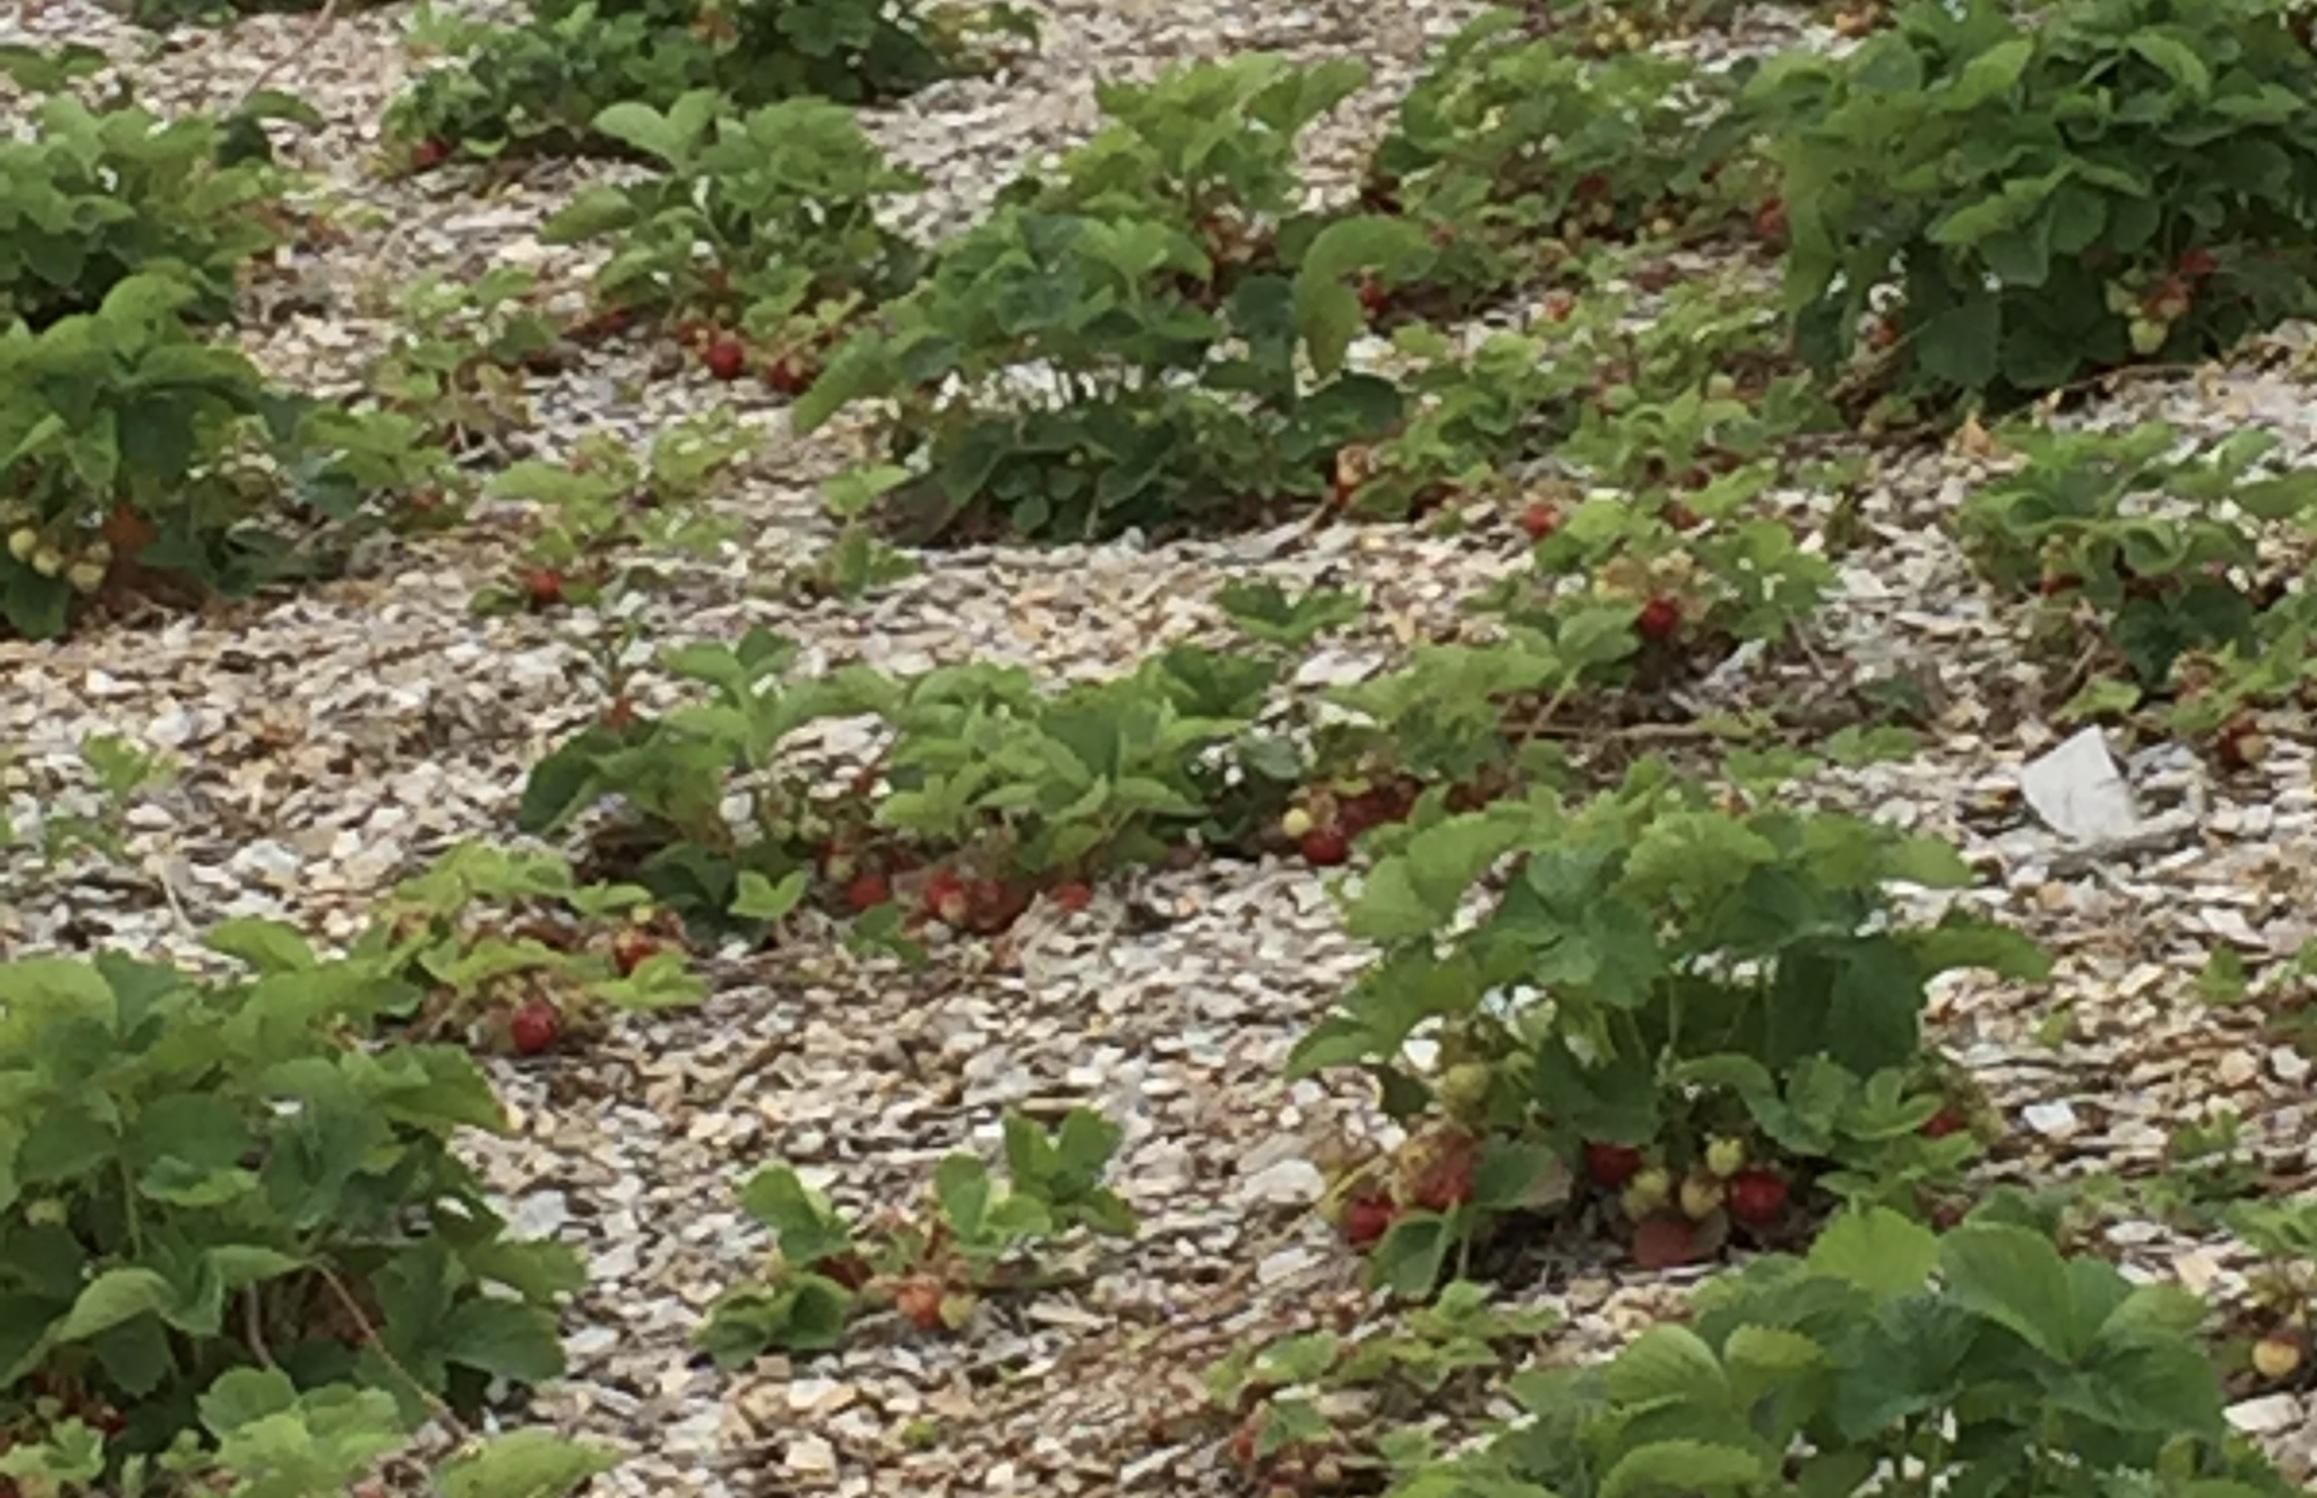 Enkelte områder har skrinn jord under flisen, men det har på mange måter sine fordeler. Mindre bladmasse gir enda bedre utlufting og mye lys til bærene som modner.